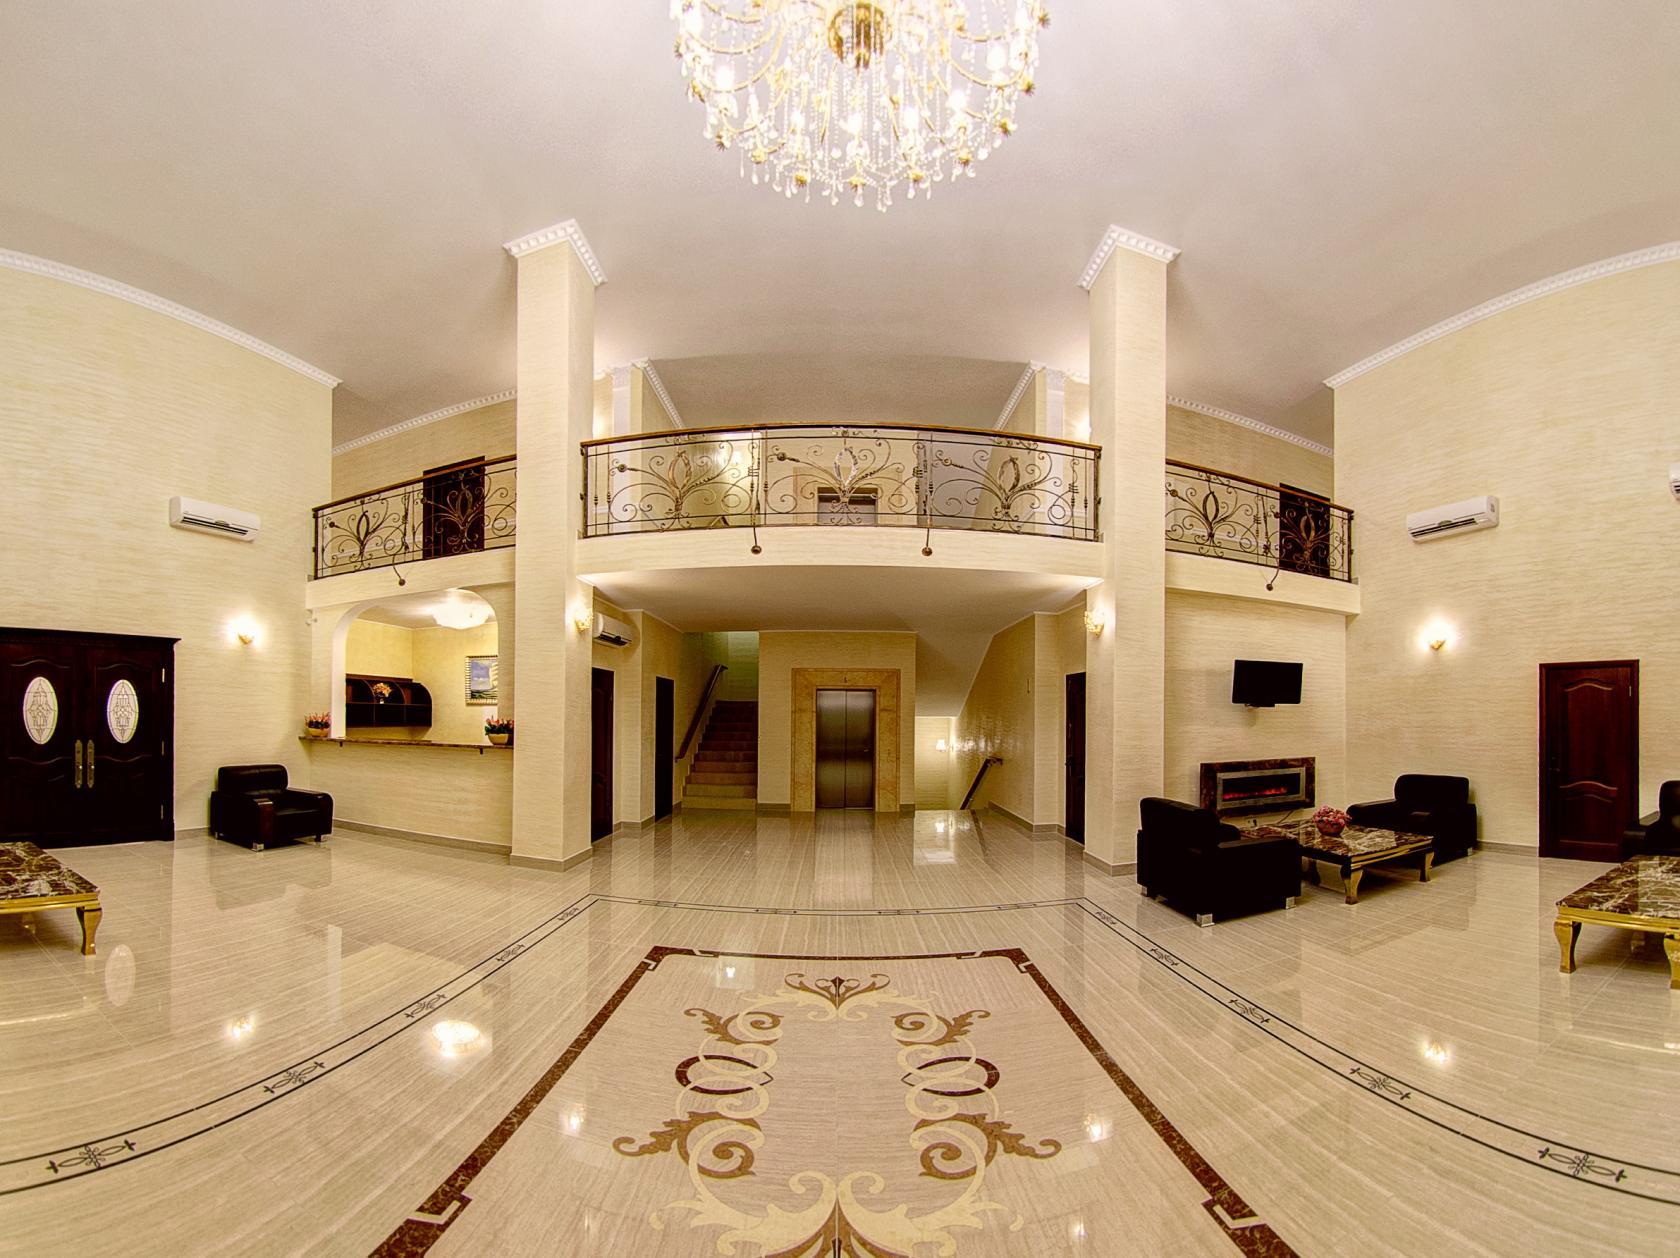 Холл гостиницы в картинках